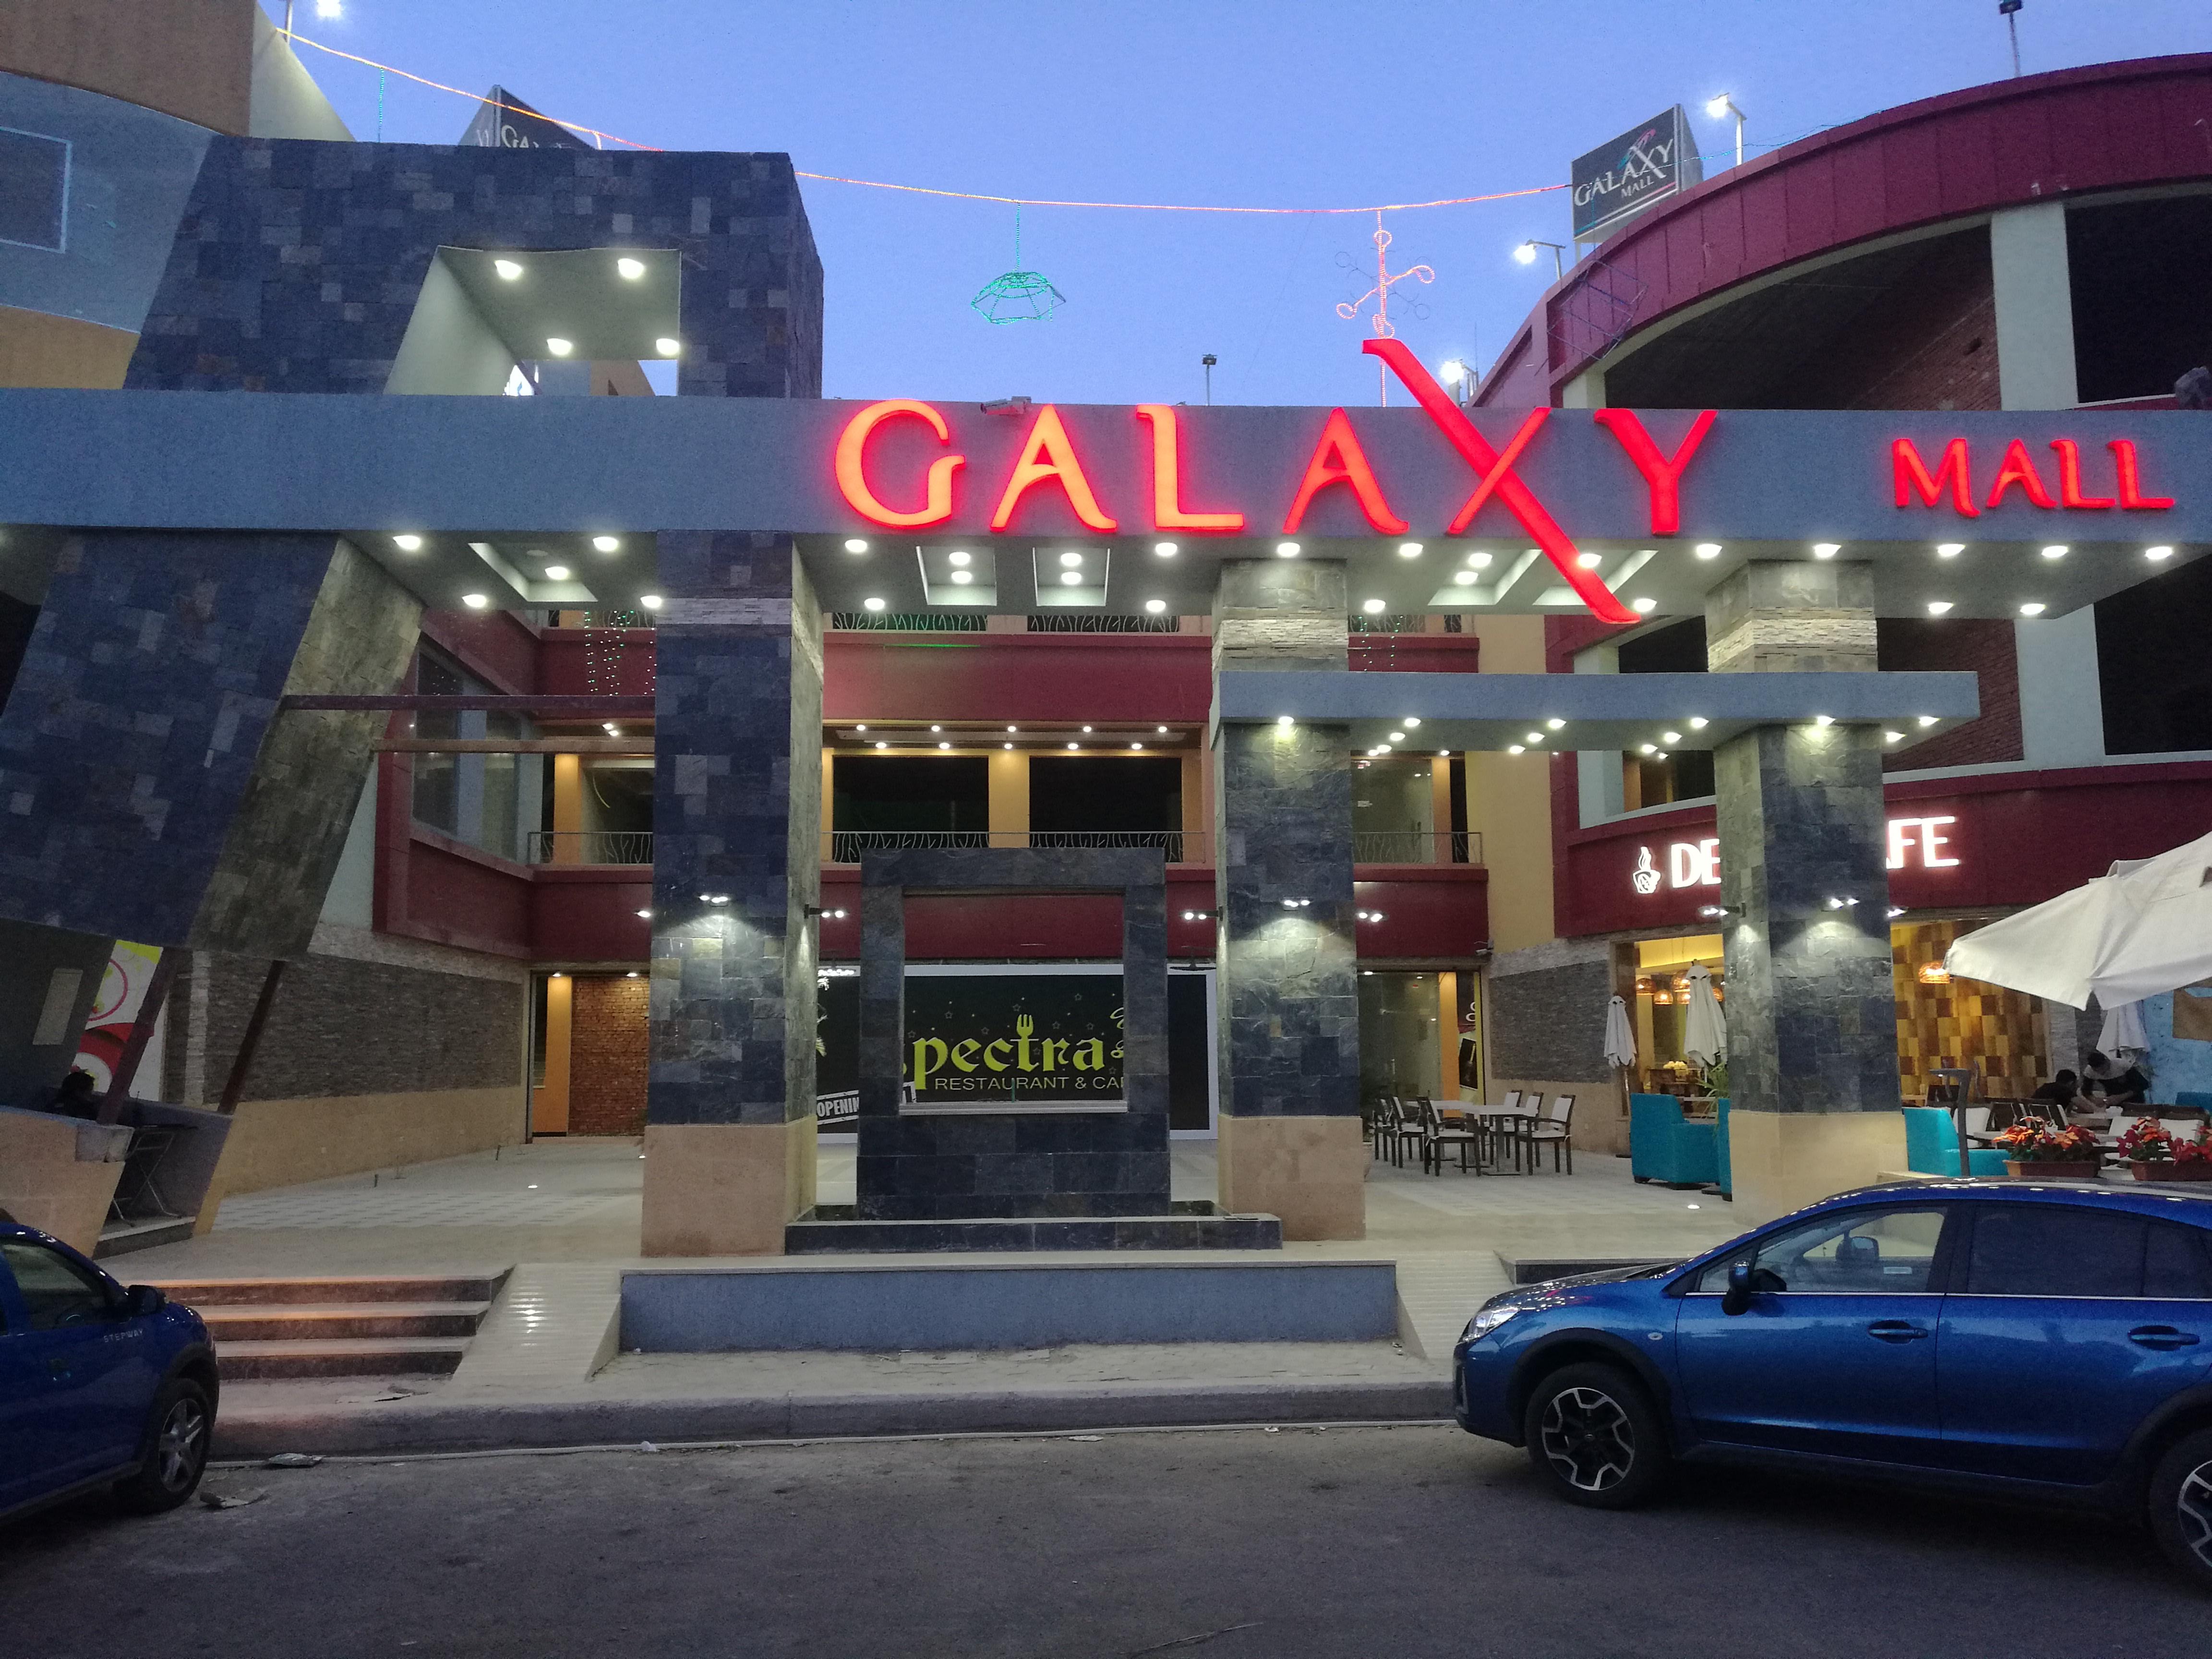 جالاكسى مول Galaxy Mall